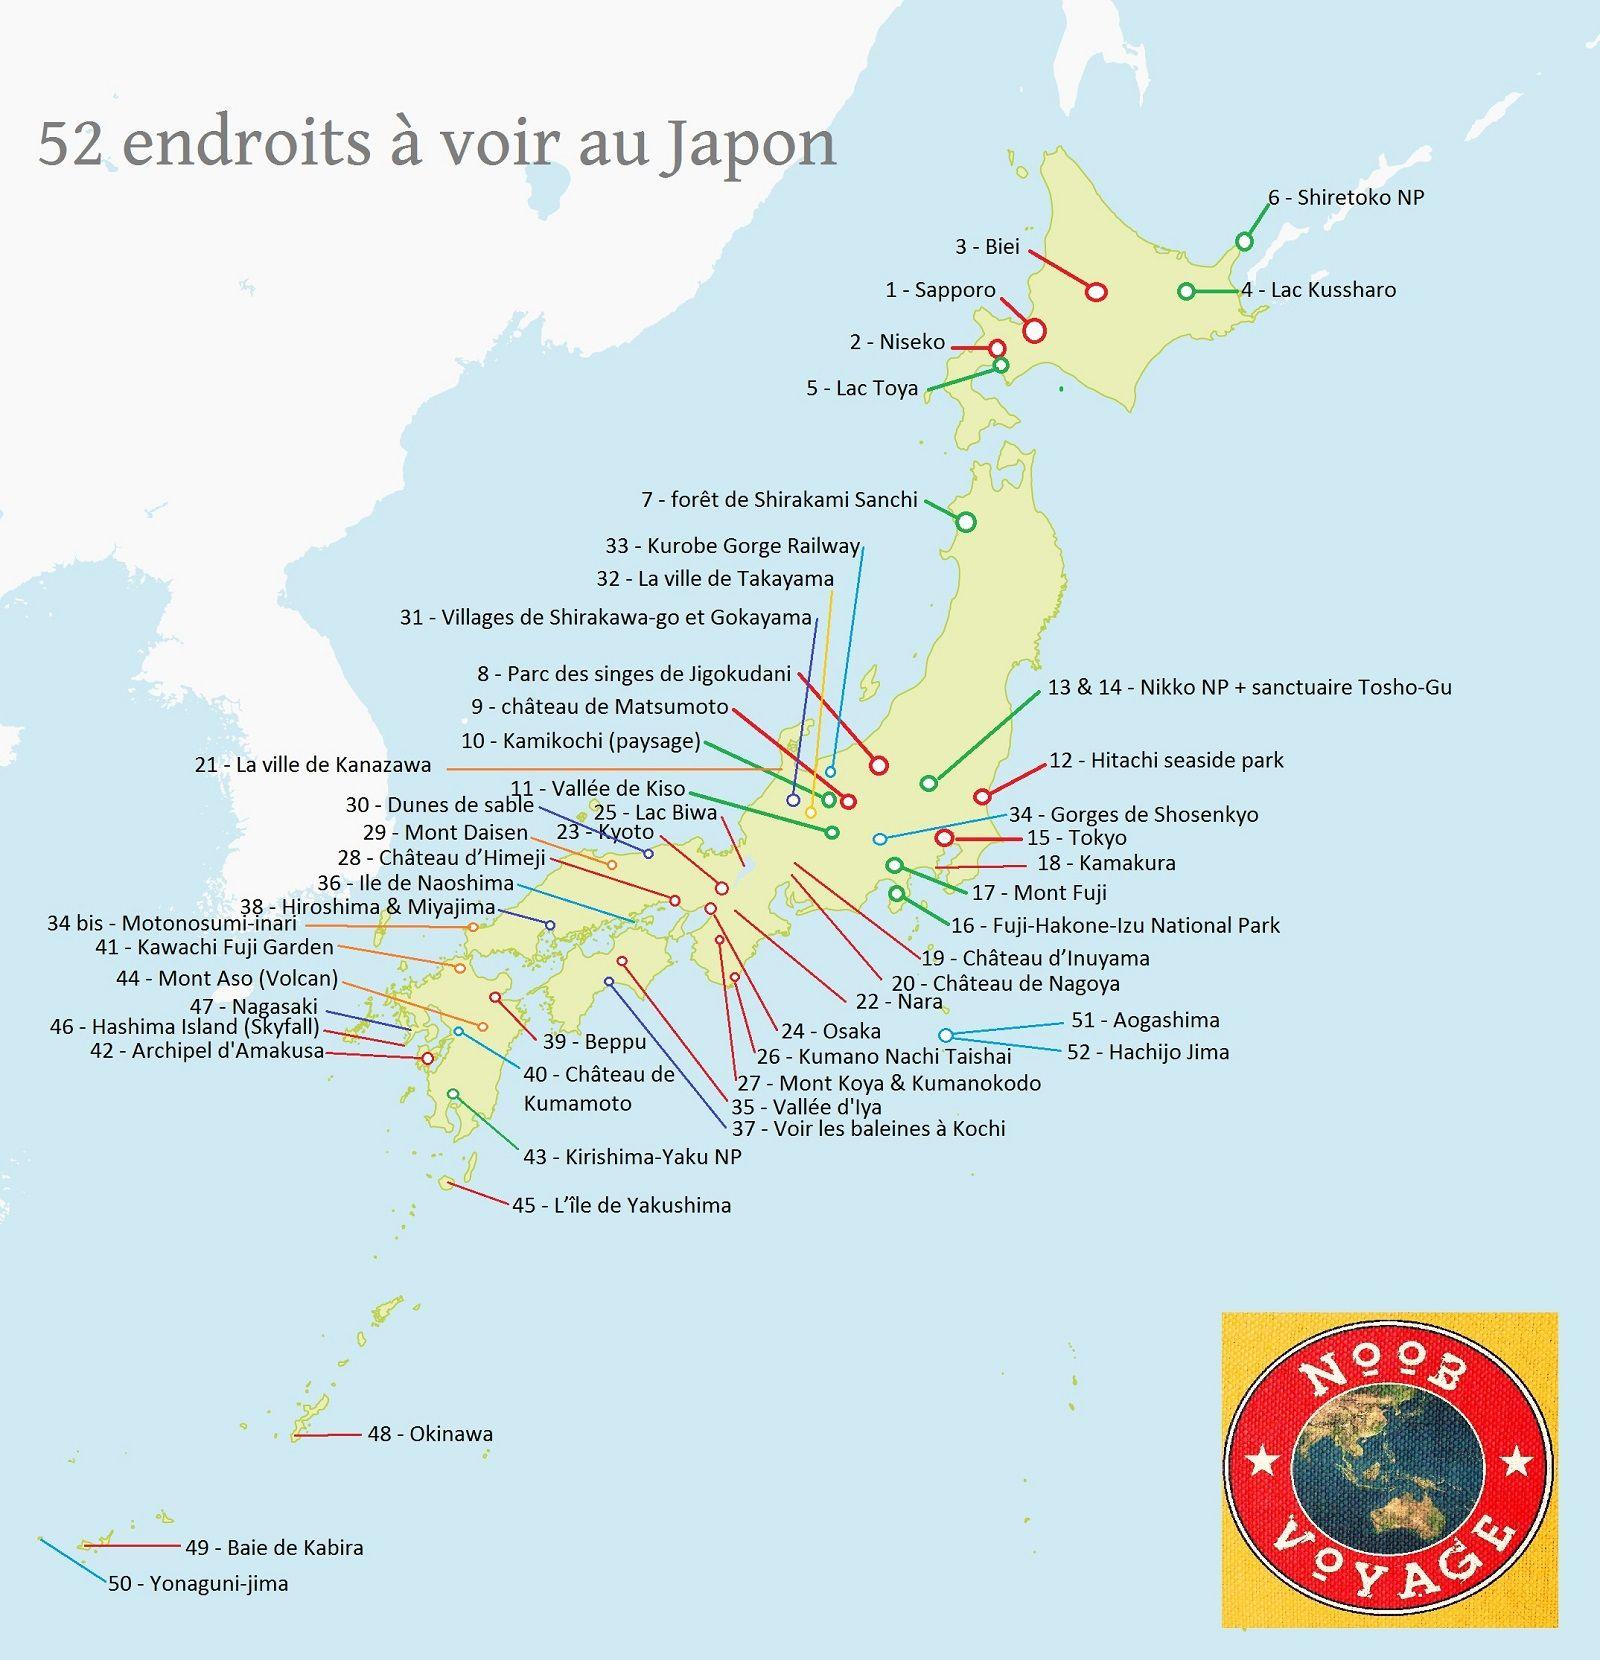 Carte Du Japon Detaillee A Imprimer Les Endroits A Voir